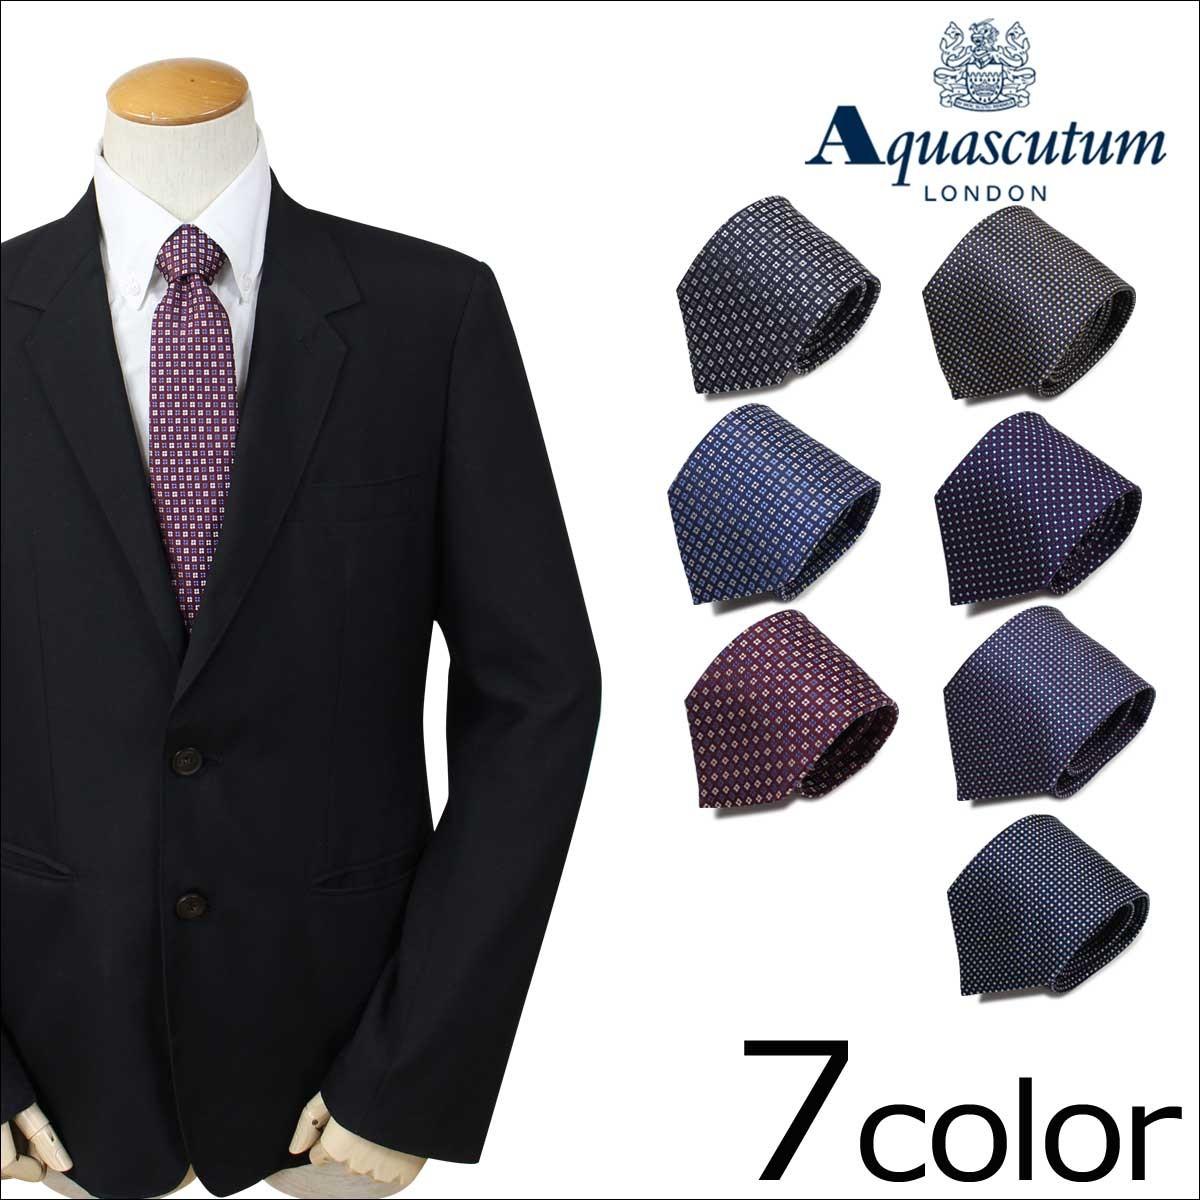 アクアスキュータム AQUASCUTUM ネクタイ イタリア製 シルク ビジネス 結婚式 メンズ [1/25 追加入荷]